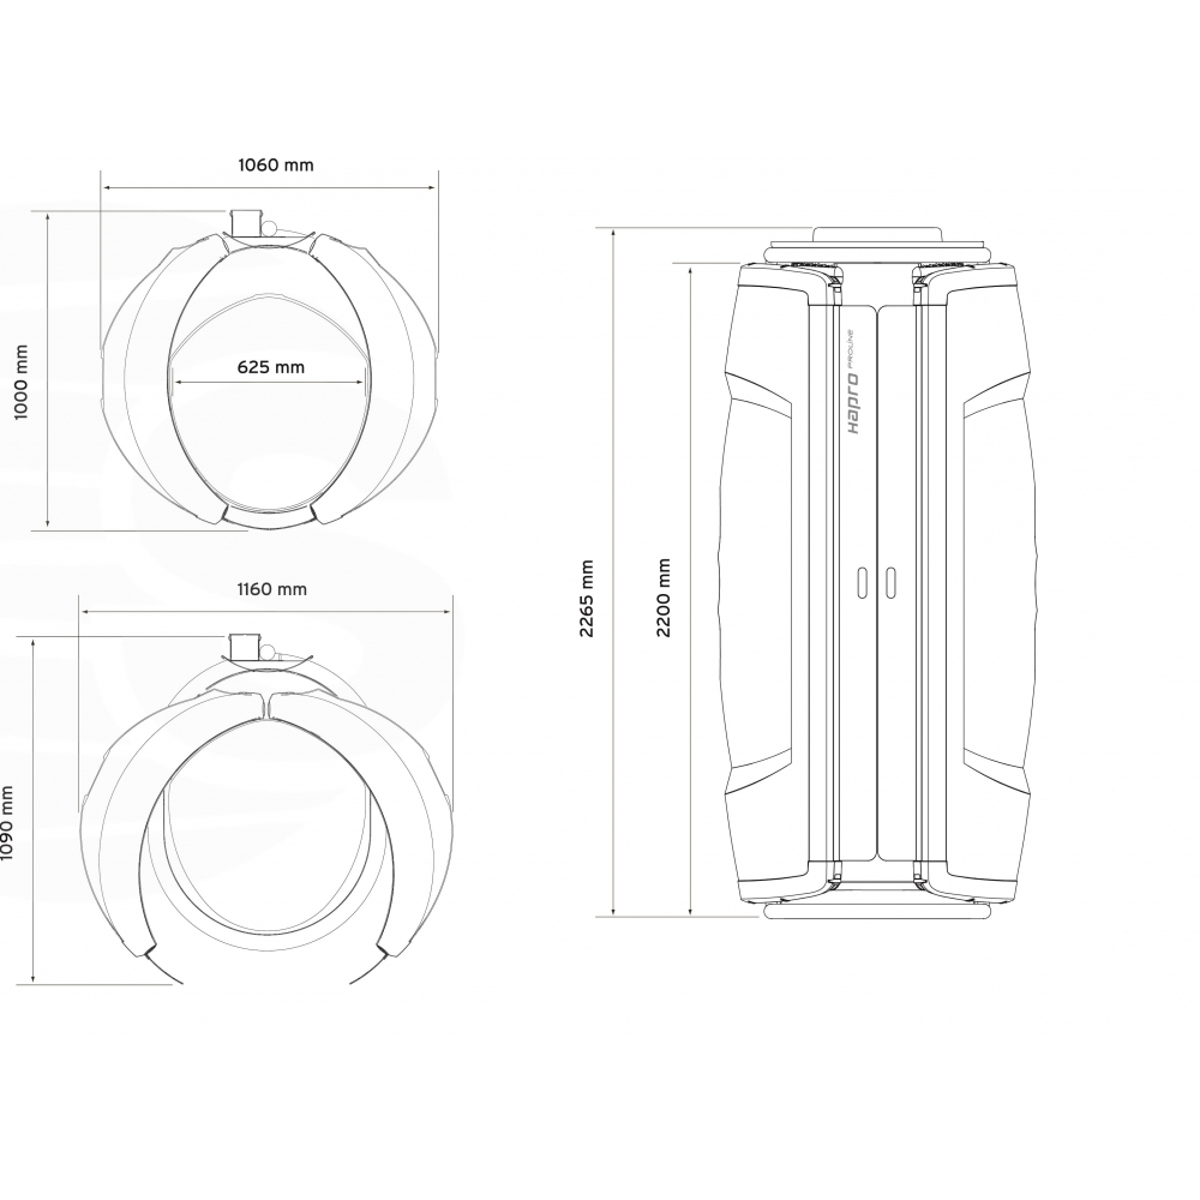 Hapro Proline 28 V - Solarium verticale - Solarium domestico - Hapro